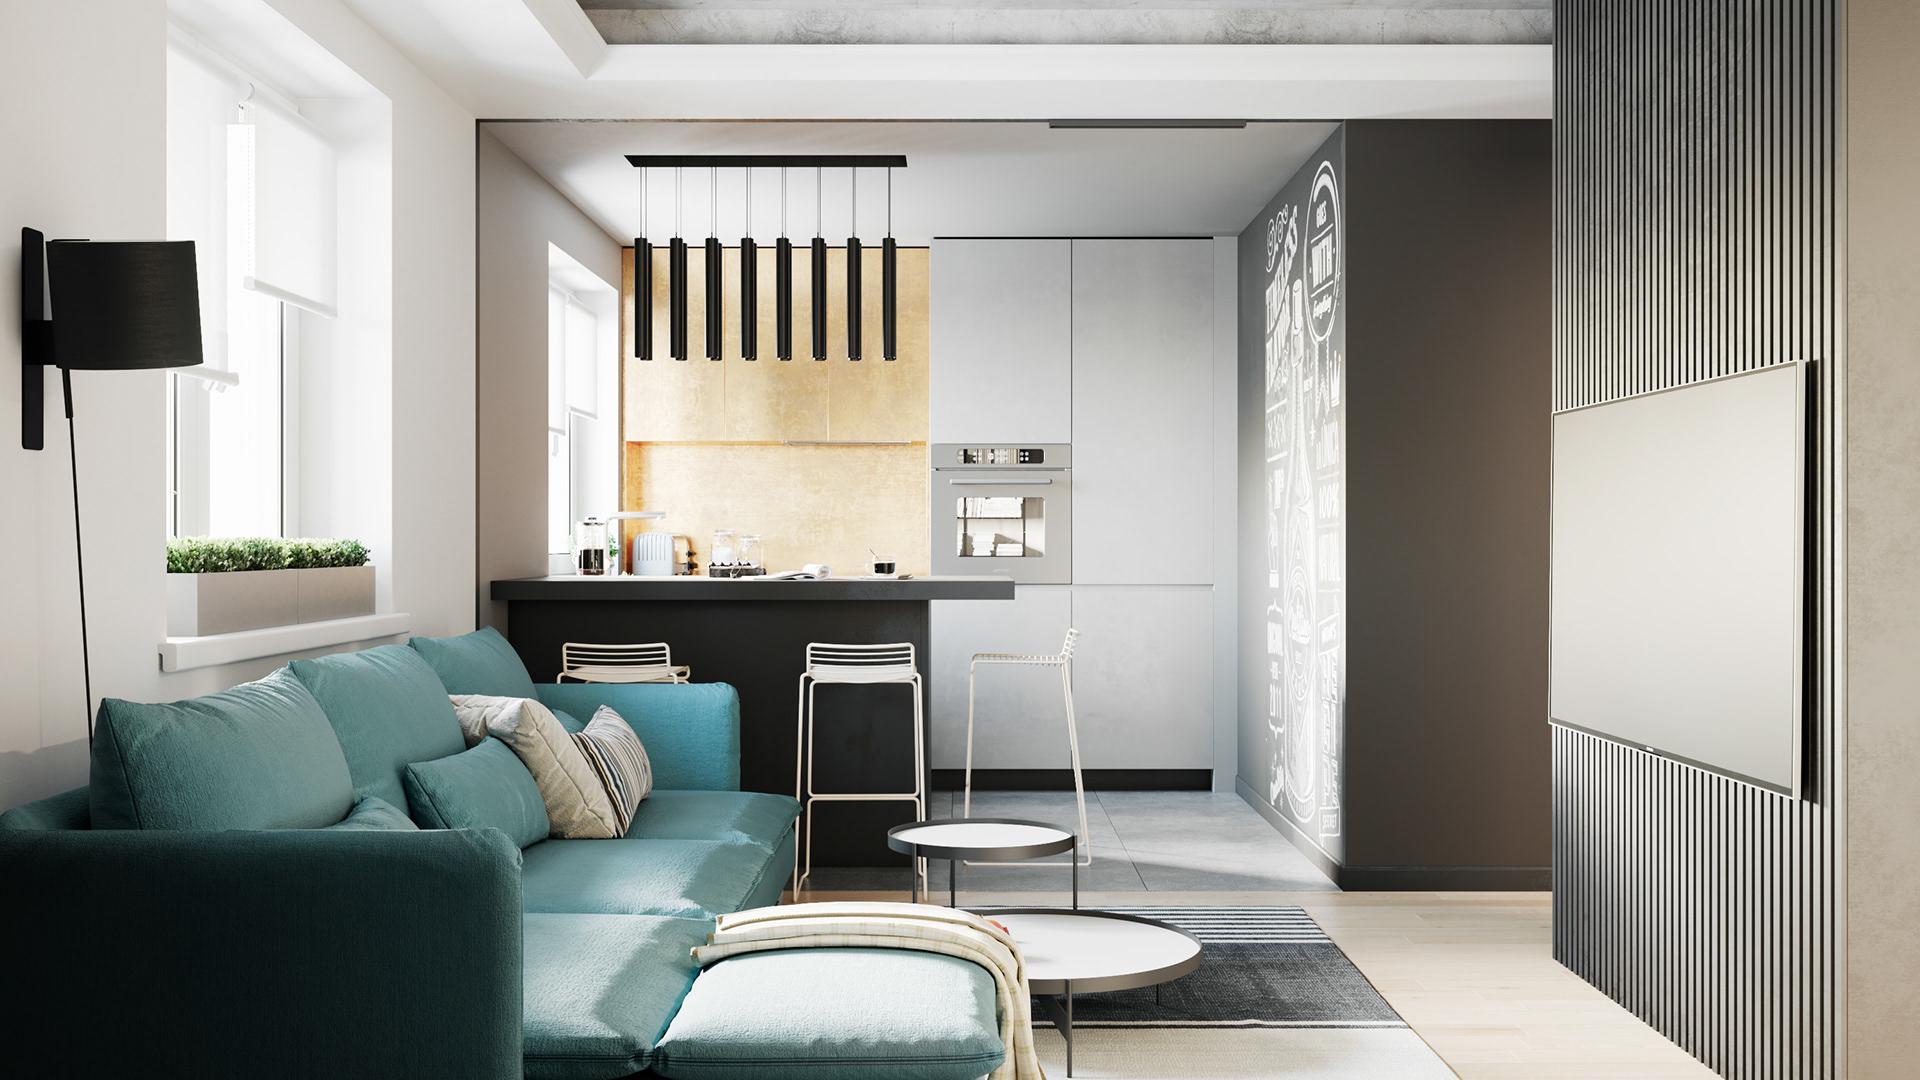 Interior Design,Furniture Design,Photography